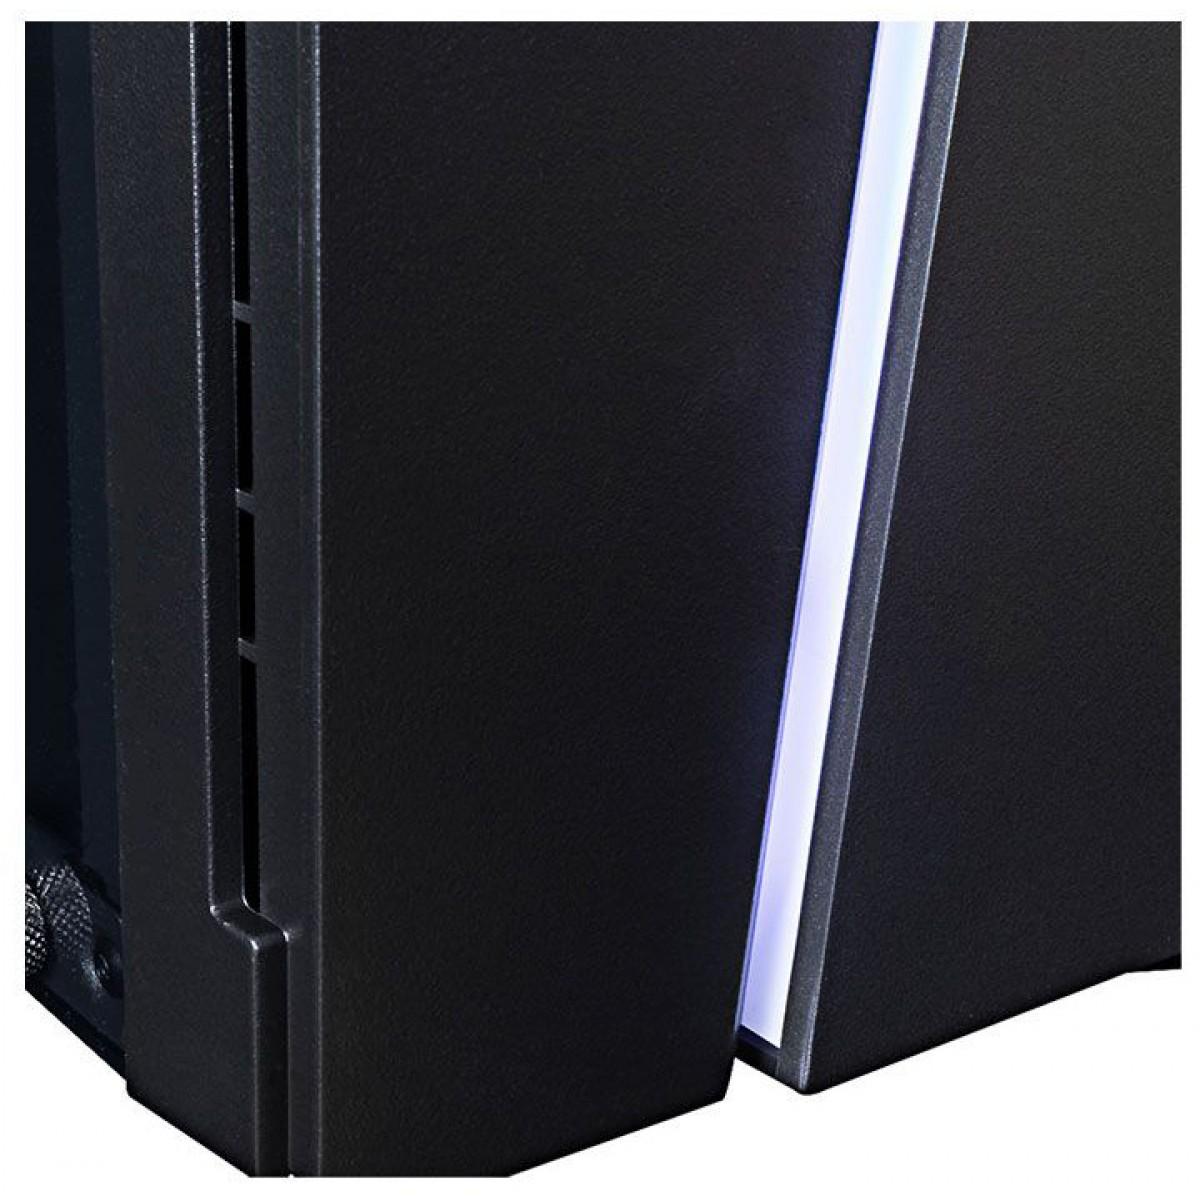 Gabinete Gamer T-Dagger Jax RGB, Mid Tower, Lateral Acrílico, Black, Sem fonte, Sem Fan